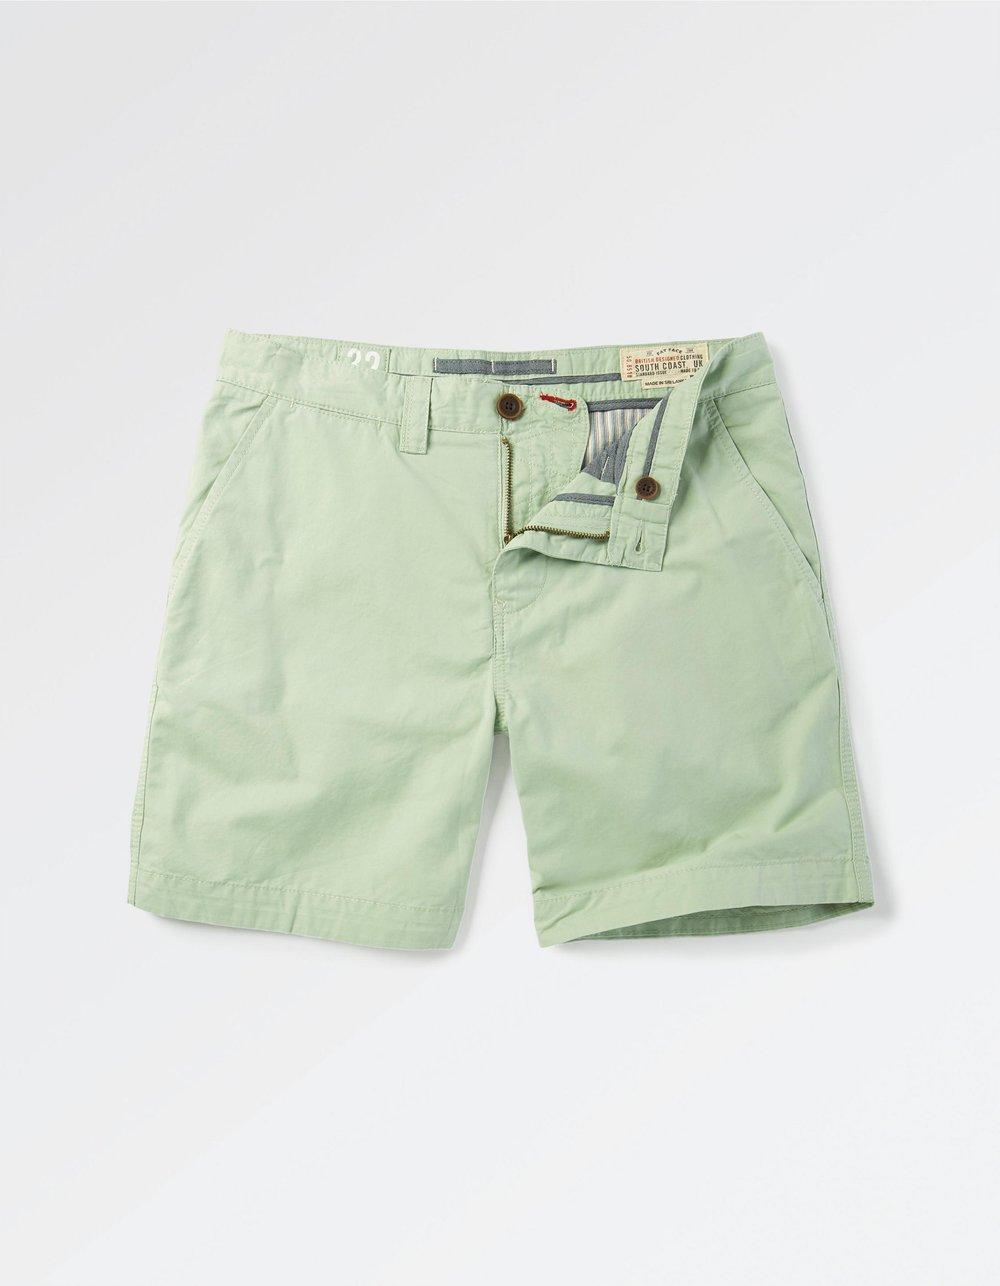 Pale Jade Newport Chino Short -